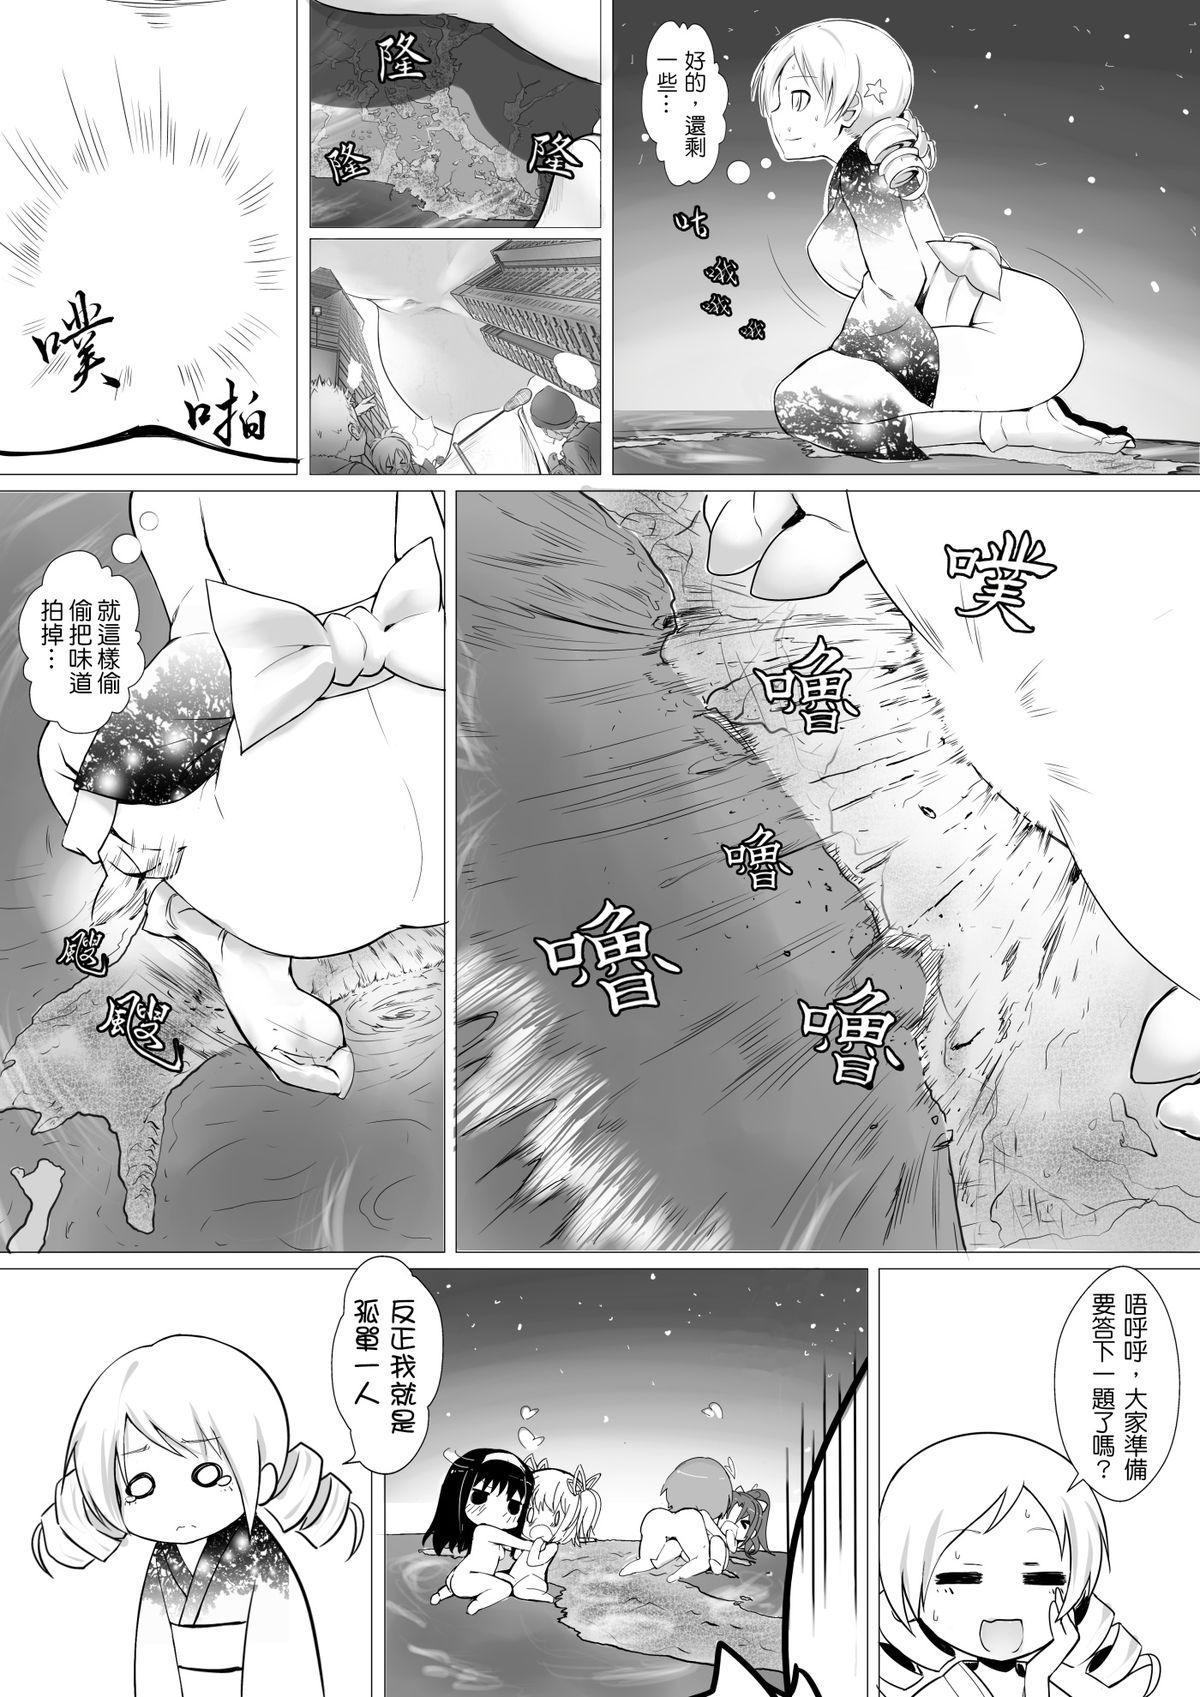 Hangyaku no Hanafuda Monogatari 21